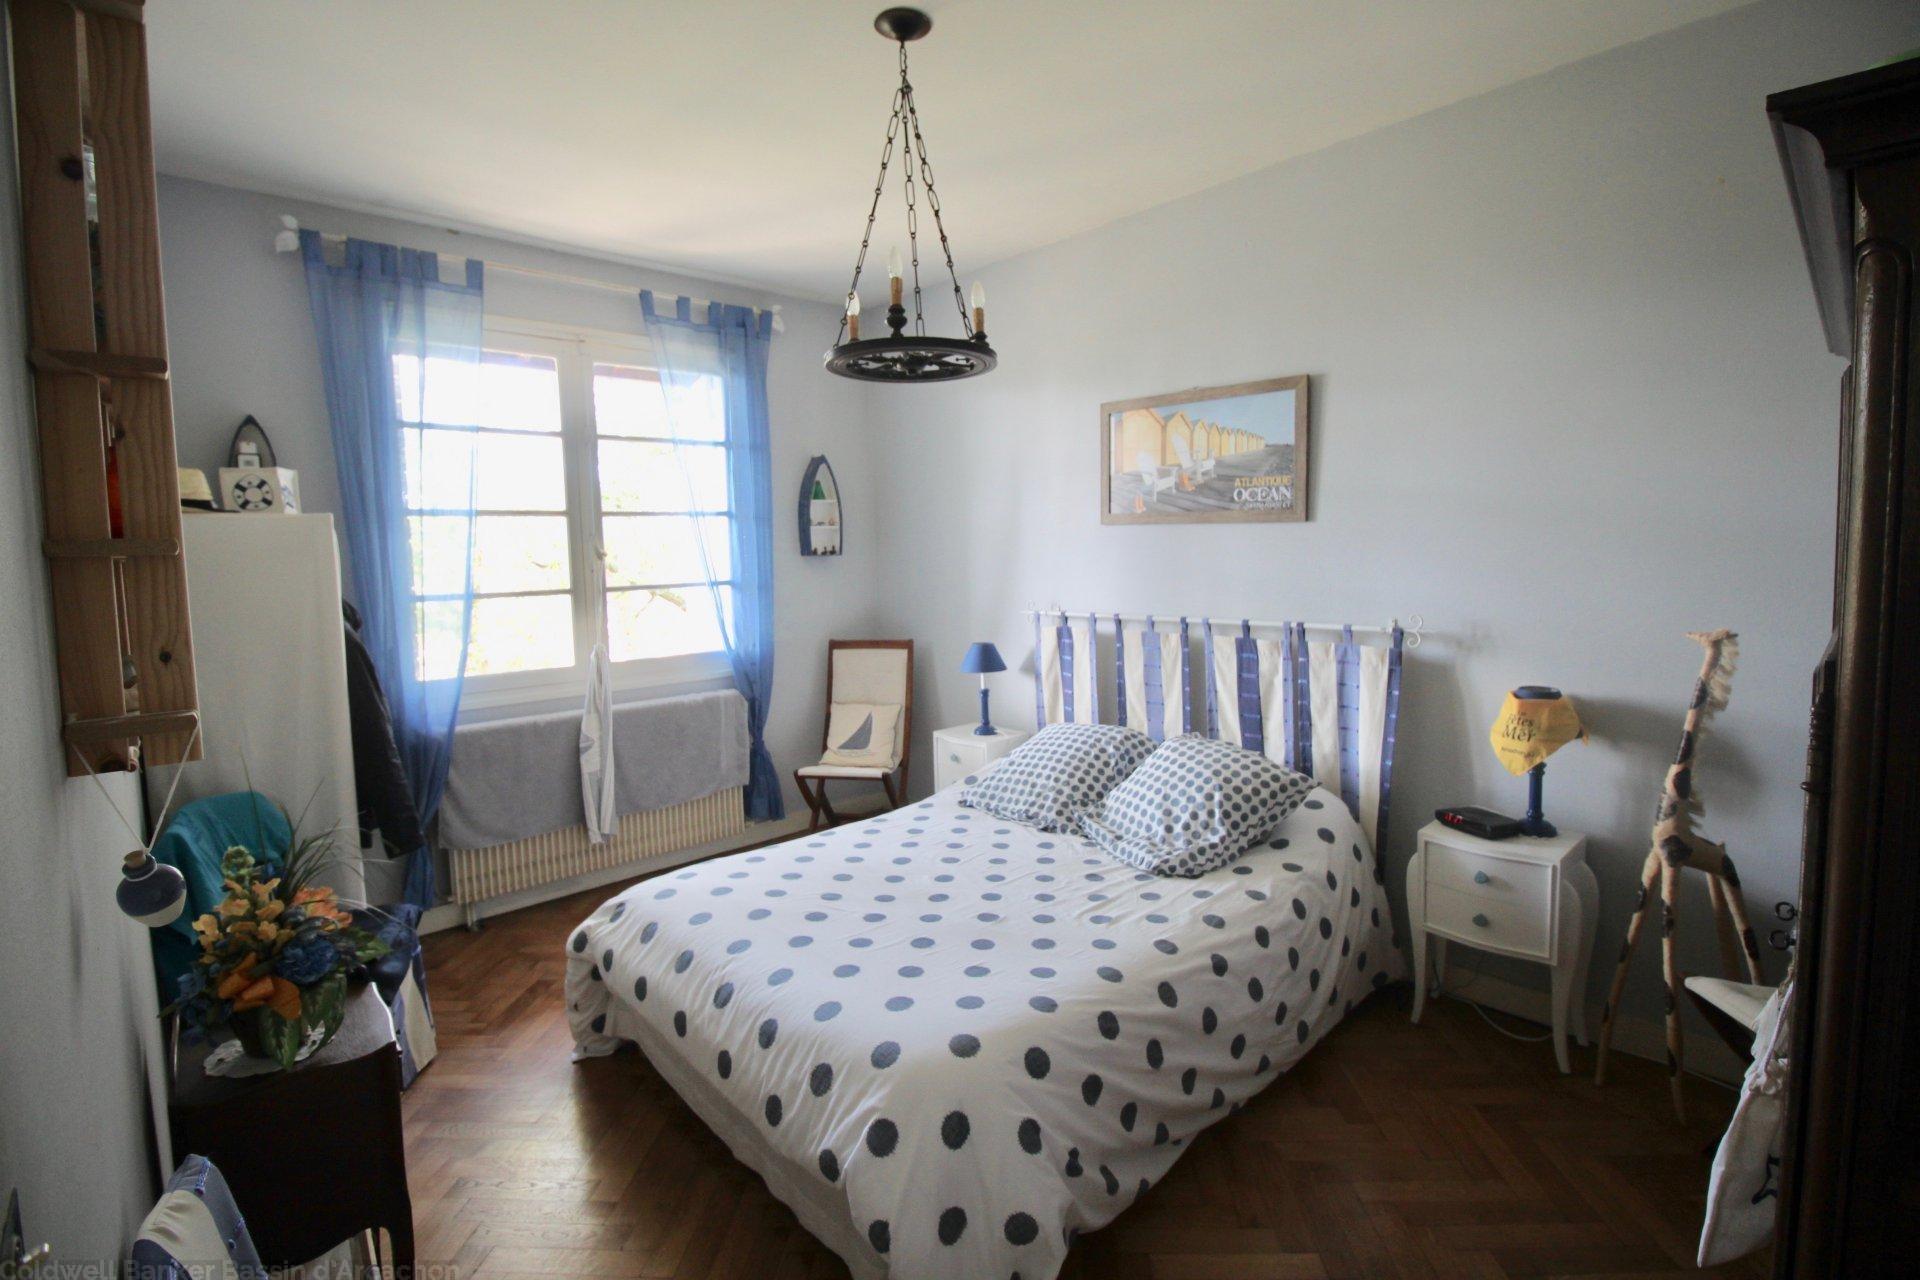 Maison familiale 6 chambres à vendre à Pyla sur mer